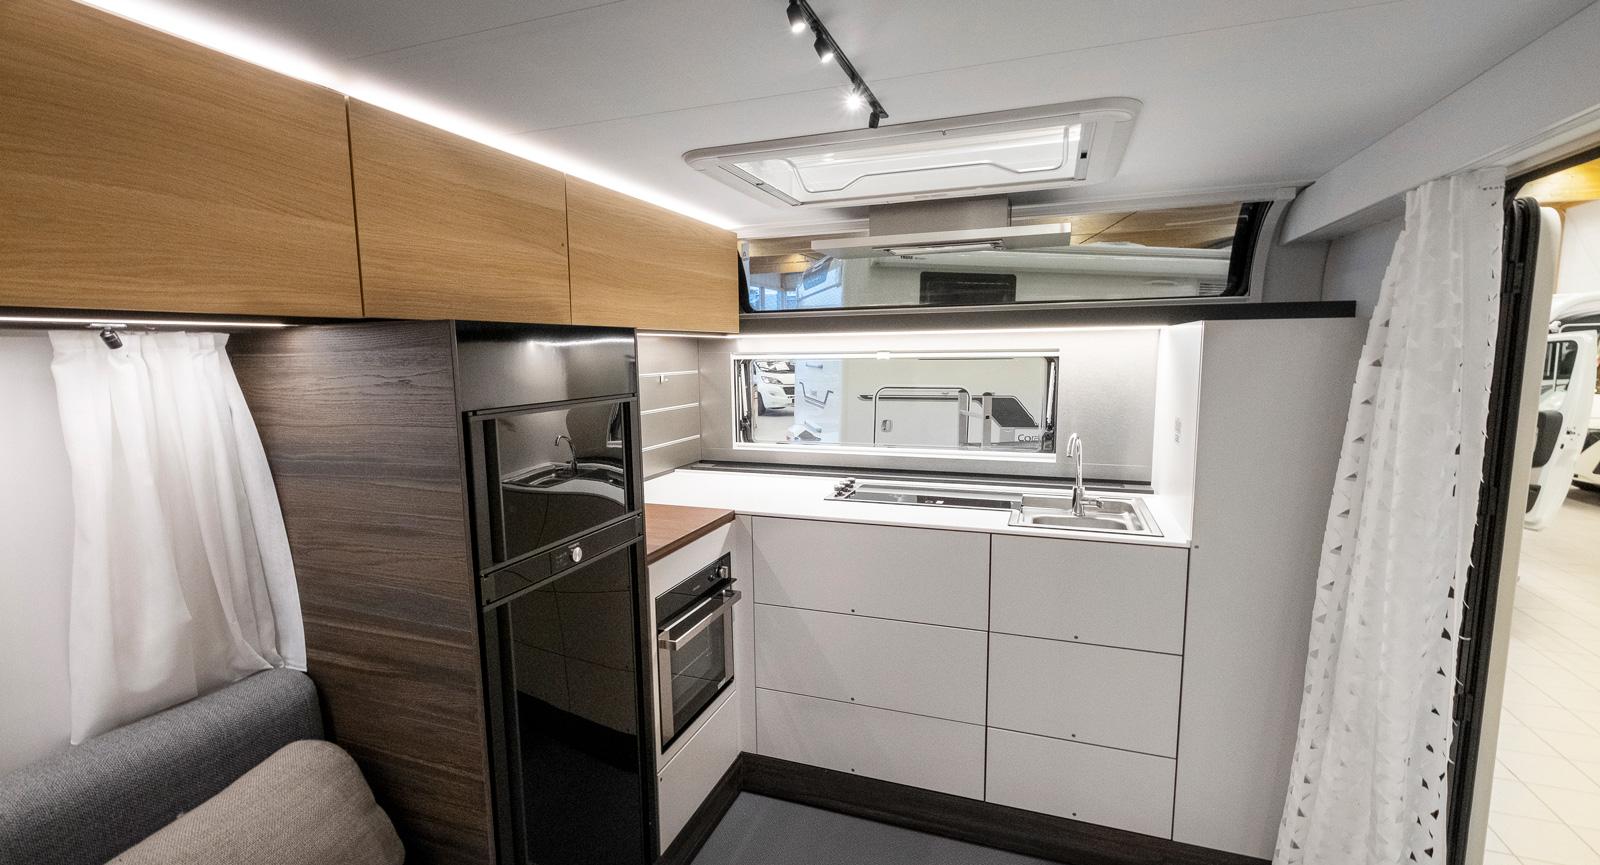 Frontkök är kockens dröm. Lätt att nå från förtältet och skönt ljusinsläpp eller utsikt från fönster och takfönster.